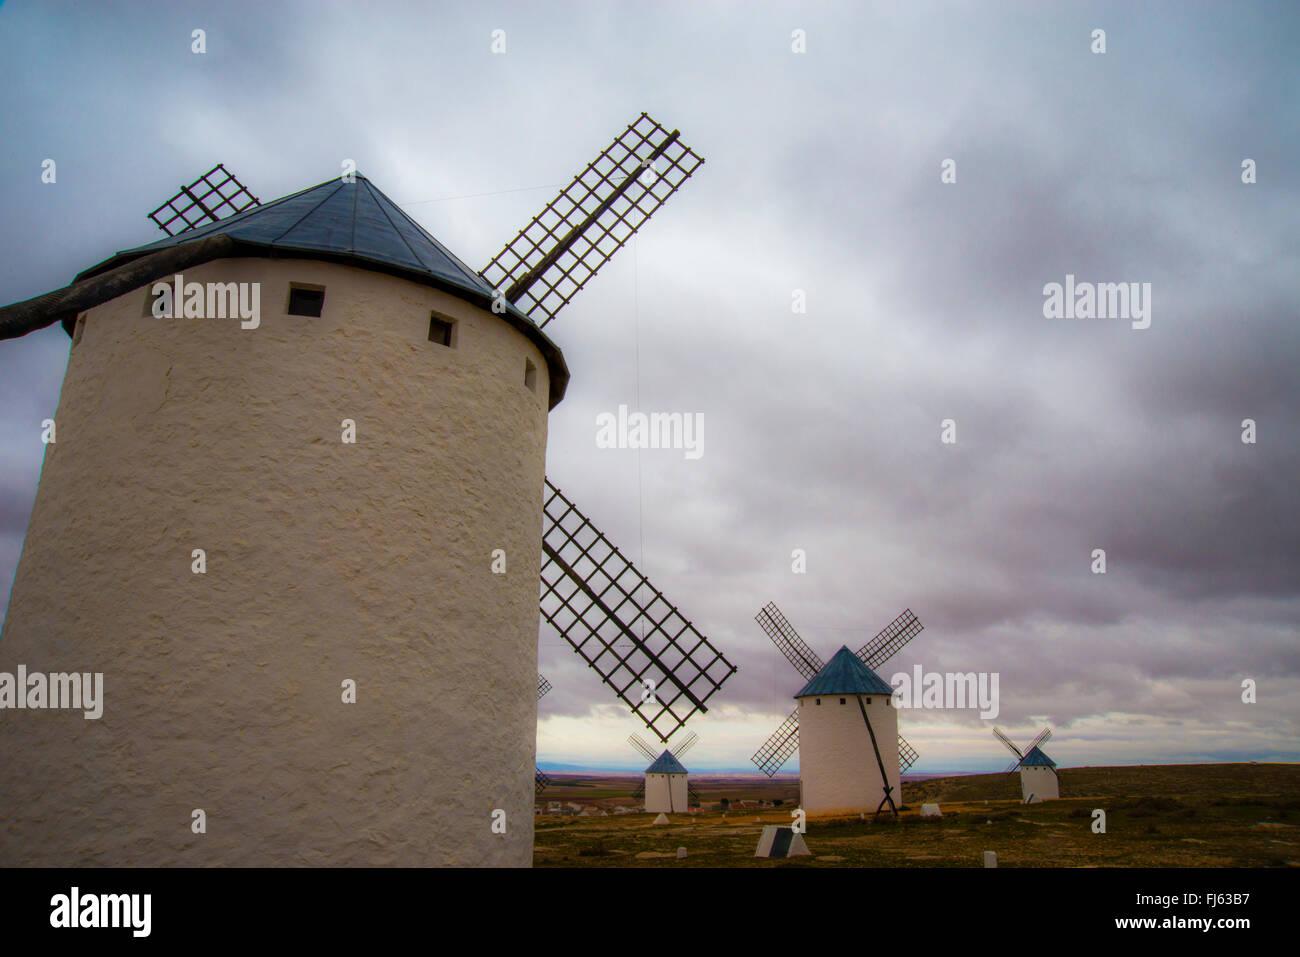 Mulini a vento e cielo nuvoloso. Campo de Criptana, Ciudad Real Provincia, Castilla La Mancha, in Spagna. Immagini Stock